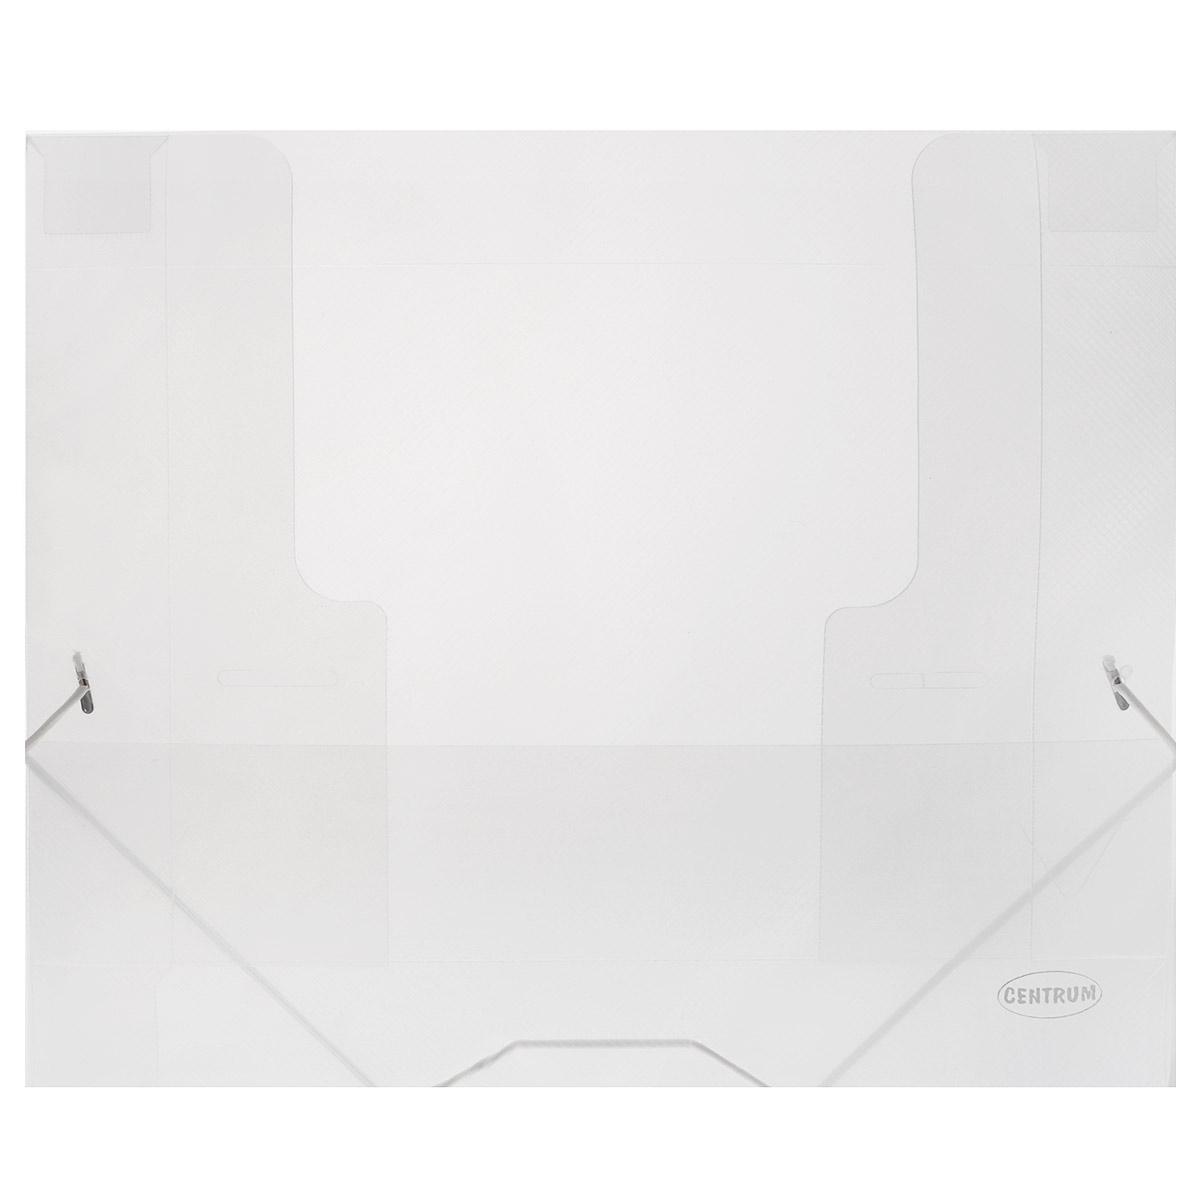 Папка на резинках Centrum пластиковая, формат А4, цвет: прозрачный80020Папка на резинке Centrum станет вашим верным помощником дома и в офисе. Это удобный и функциональный инструмент, предназначенный для хранения и транспортировки больших объемов рабочих бумаг и документов формата А4.Она изготовлена из износостойкого высококачественного пластика. Папка - это незаменимый атрибут для любого студента, школьника или офисного работника. Такая папка надежно сохранит ваши бумаги и сбережет их от повреждений, пыли и влаги.